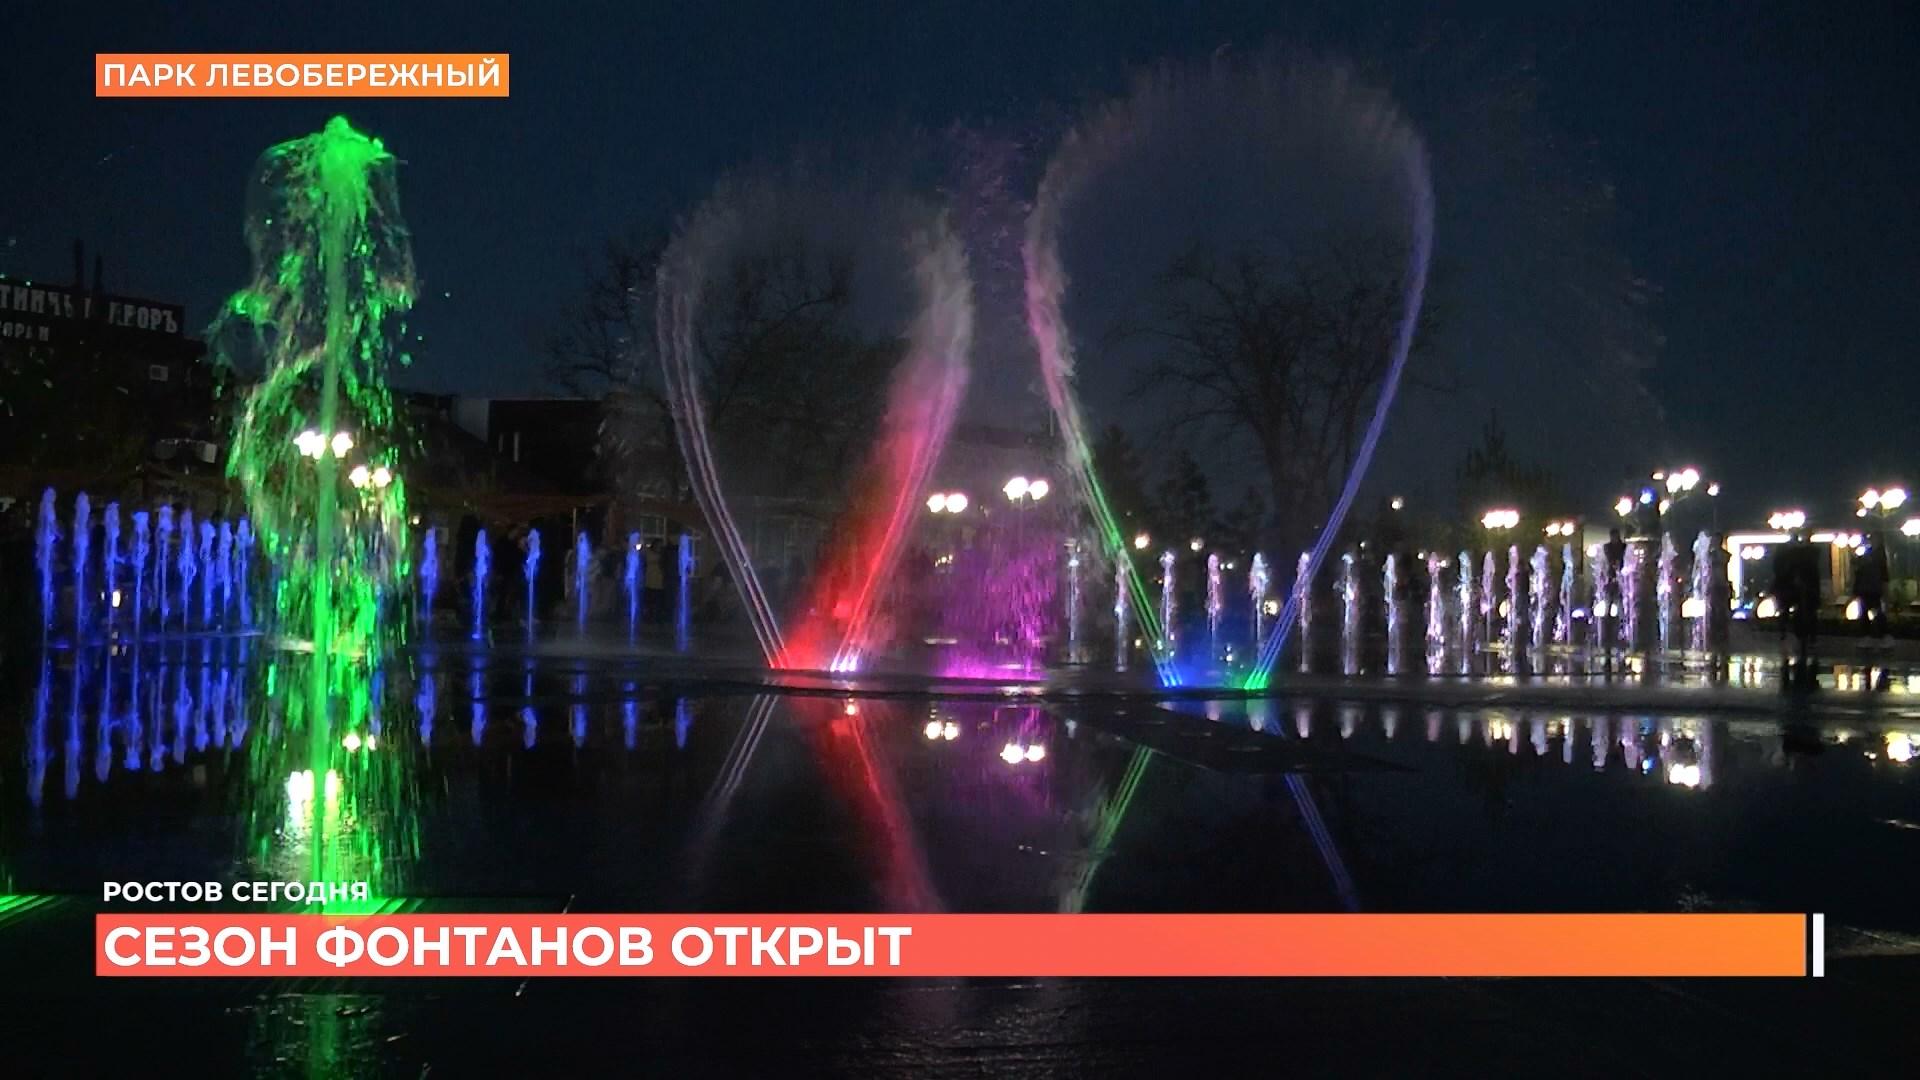 Ростов сегодня: дневной выпуск. 4 мая 2021